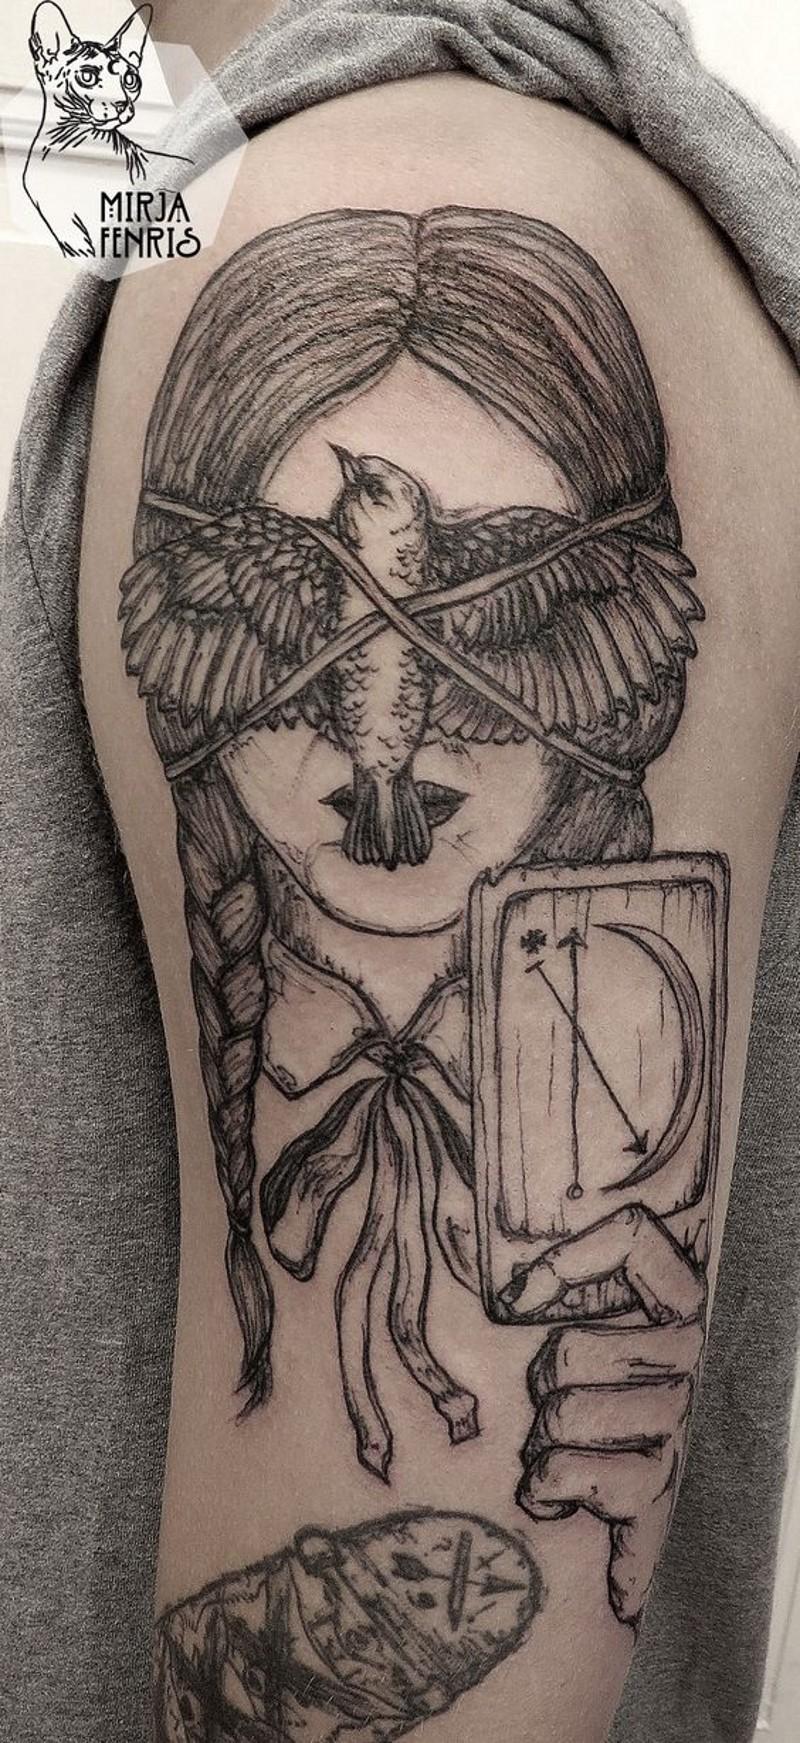 eccezionale fatto a mano inchiostro nero donna di culto con la carta tatuaggio  su braccio